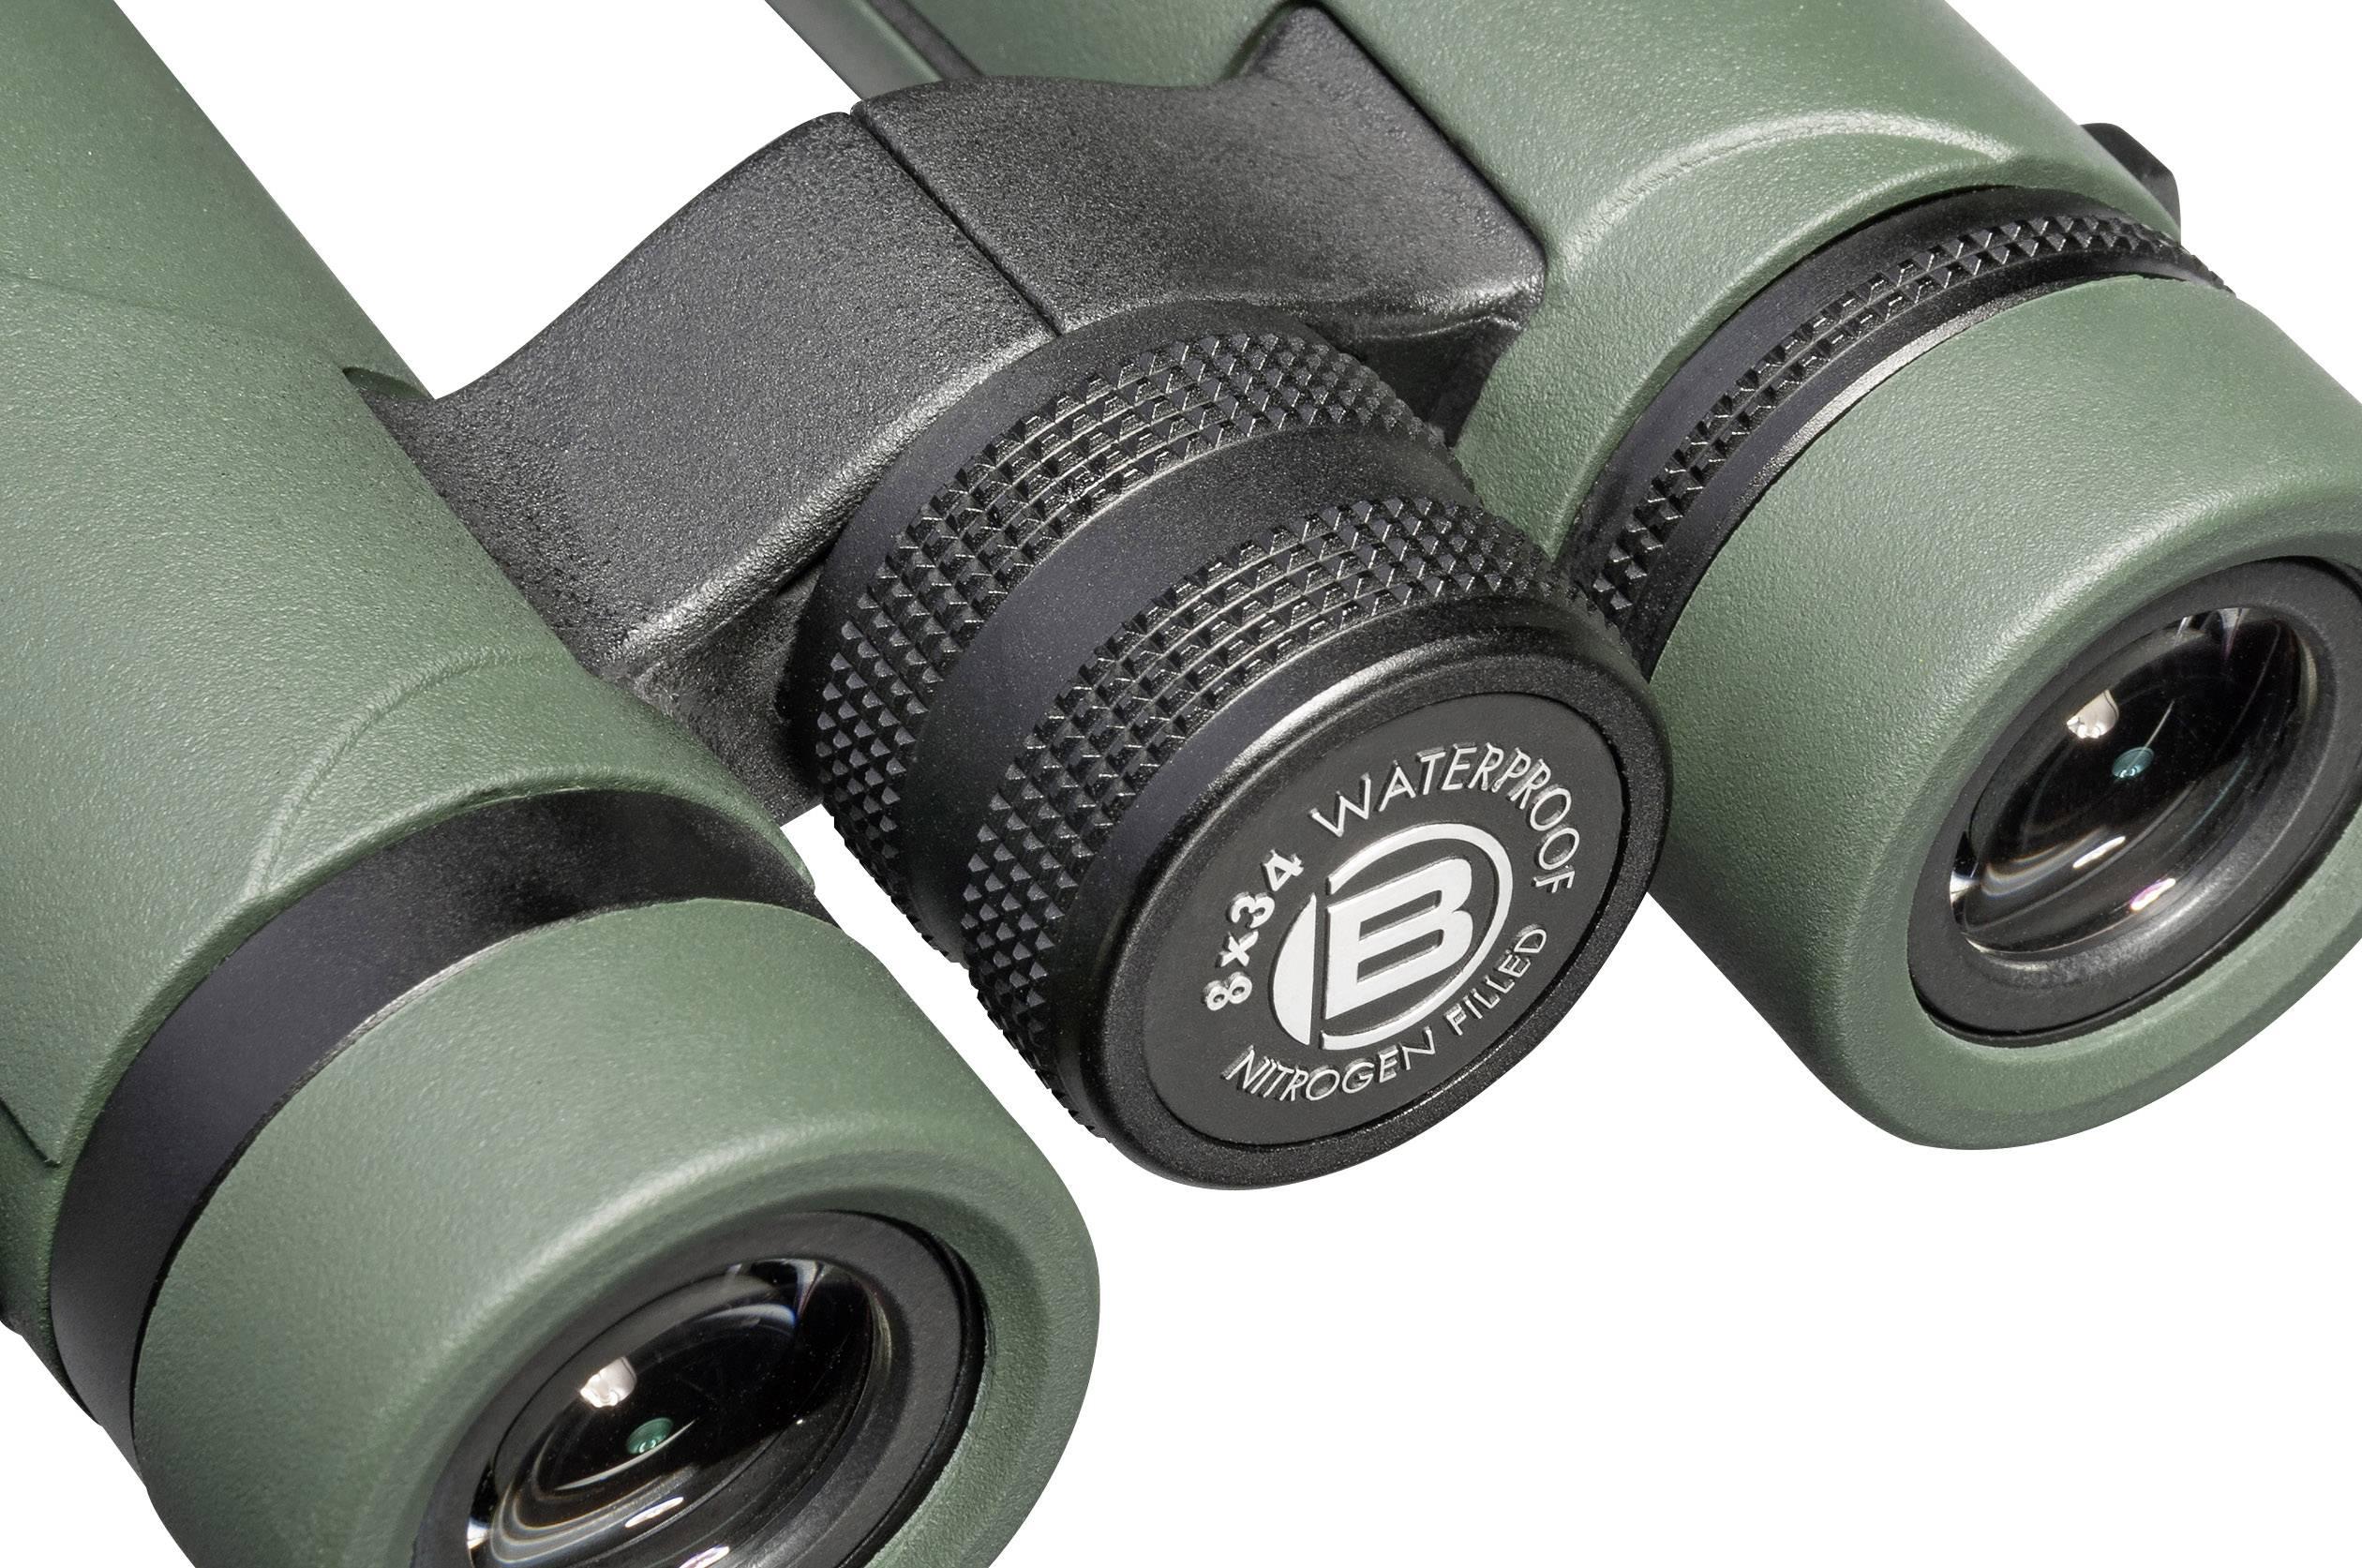 Bresser Fernglas Mit Entfernungsmesser : Bresser optik dachkant fernglas grün kaufen